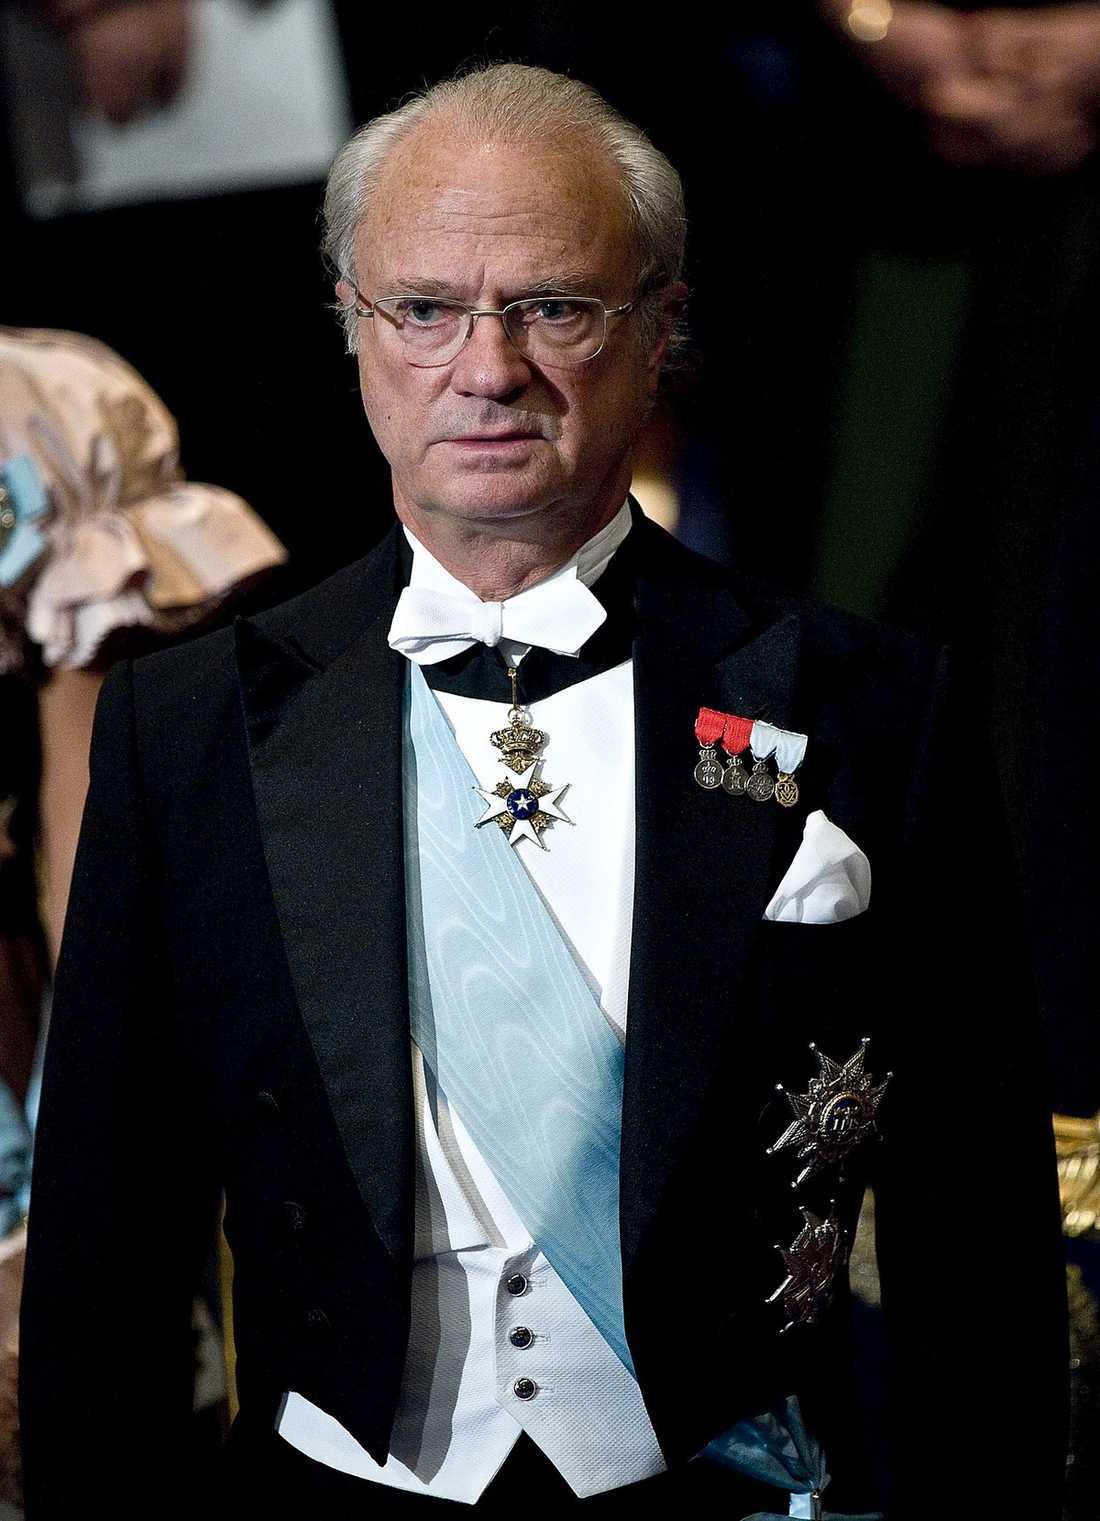 När kungen i går svarade på frågor var det ett speciellt kapitel i historieböckerna som skrevs. Aldrig tidigare har en monark offentligt tvingats förneka strippklubbsbesök.